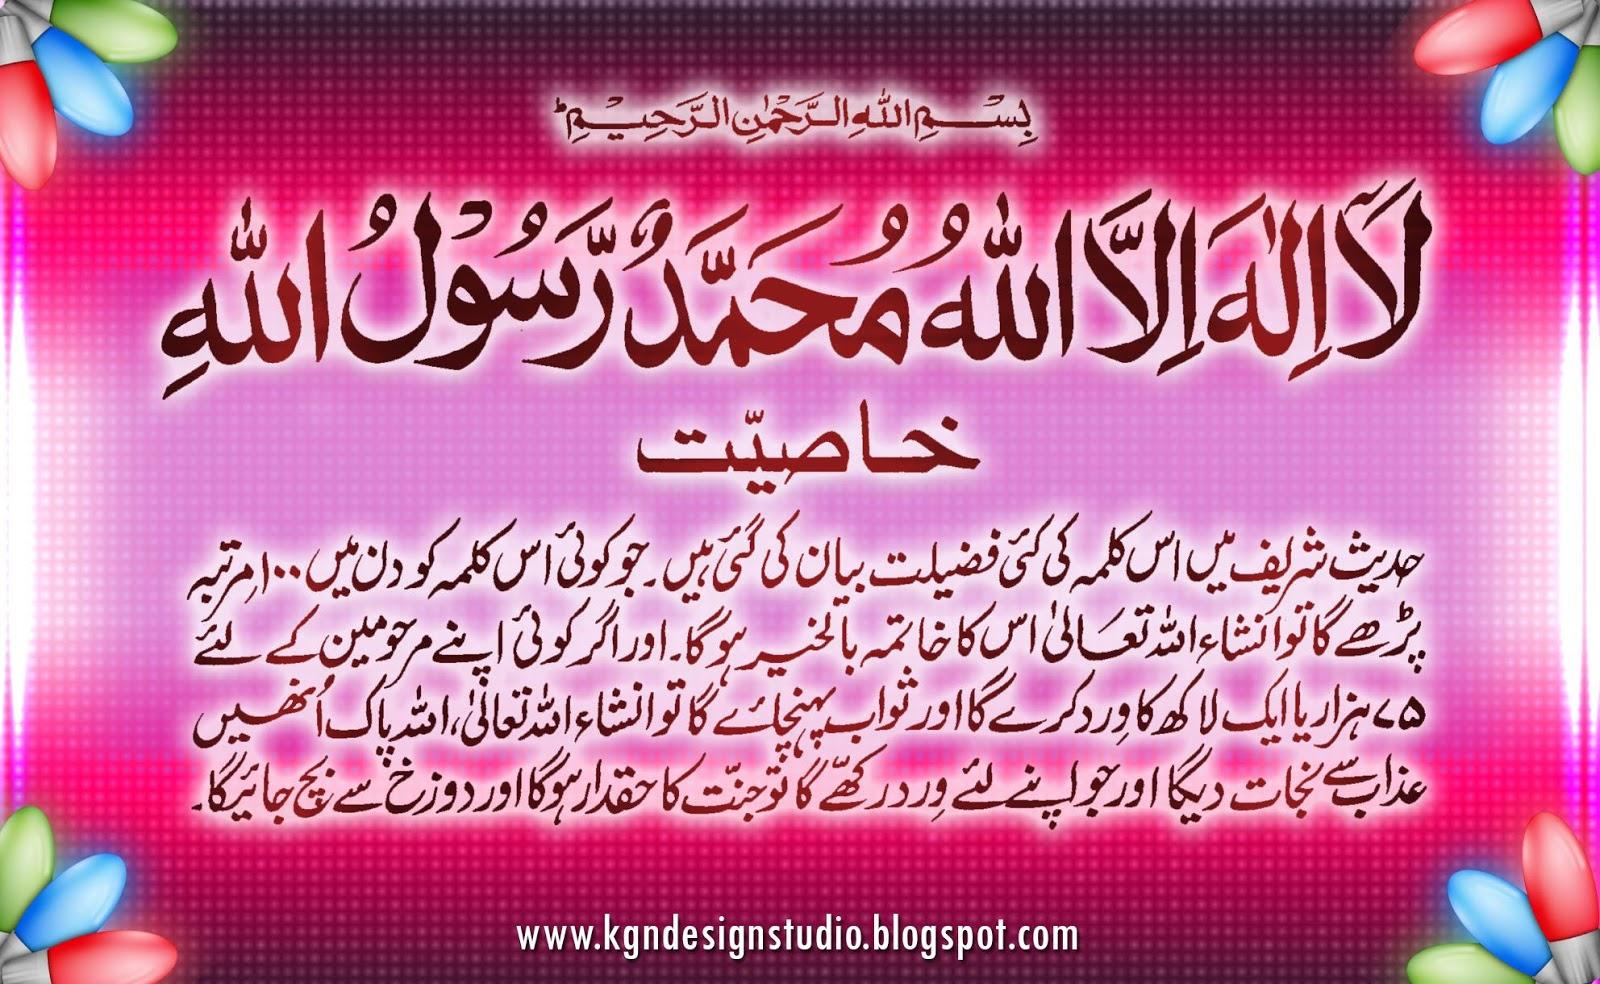 http://3.bp.blogspot.com/-ZdOvseflBDw/UO-smFNyu5I/AAAAAAAACjc/PtbN0qq-Xls/s1600/Urdu+Hadees-2.jpg